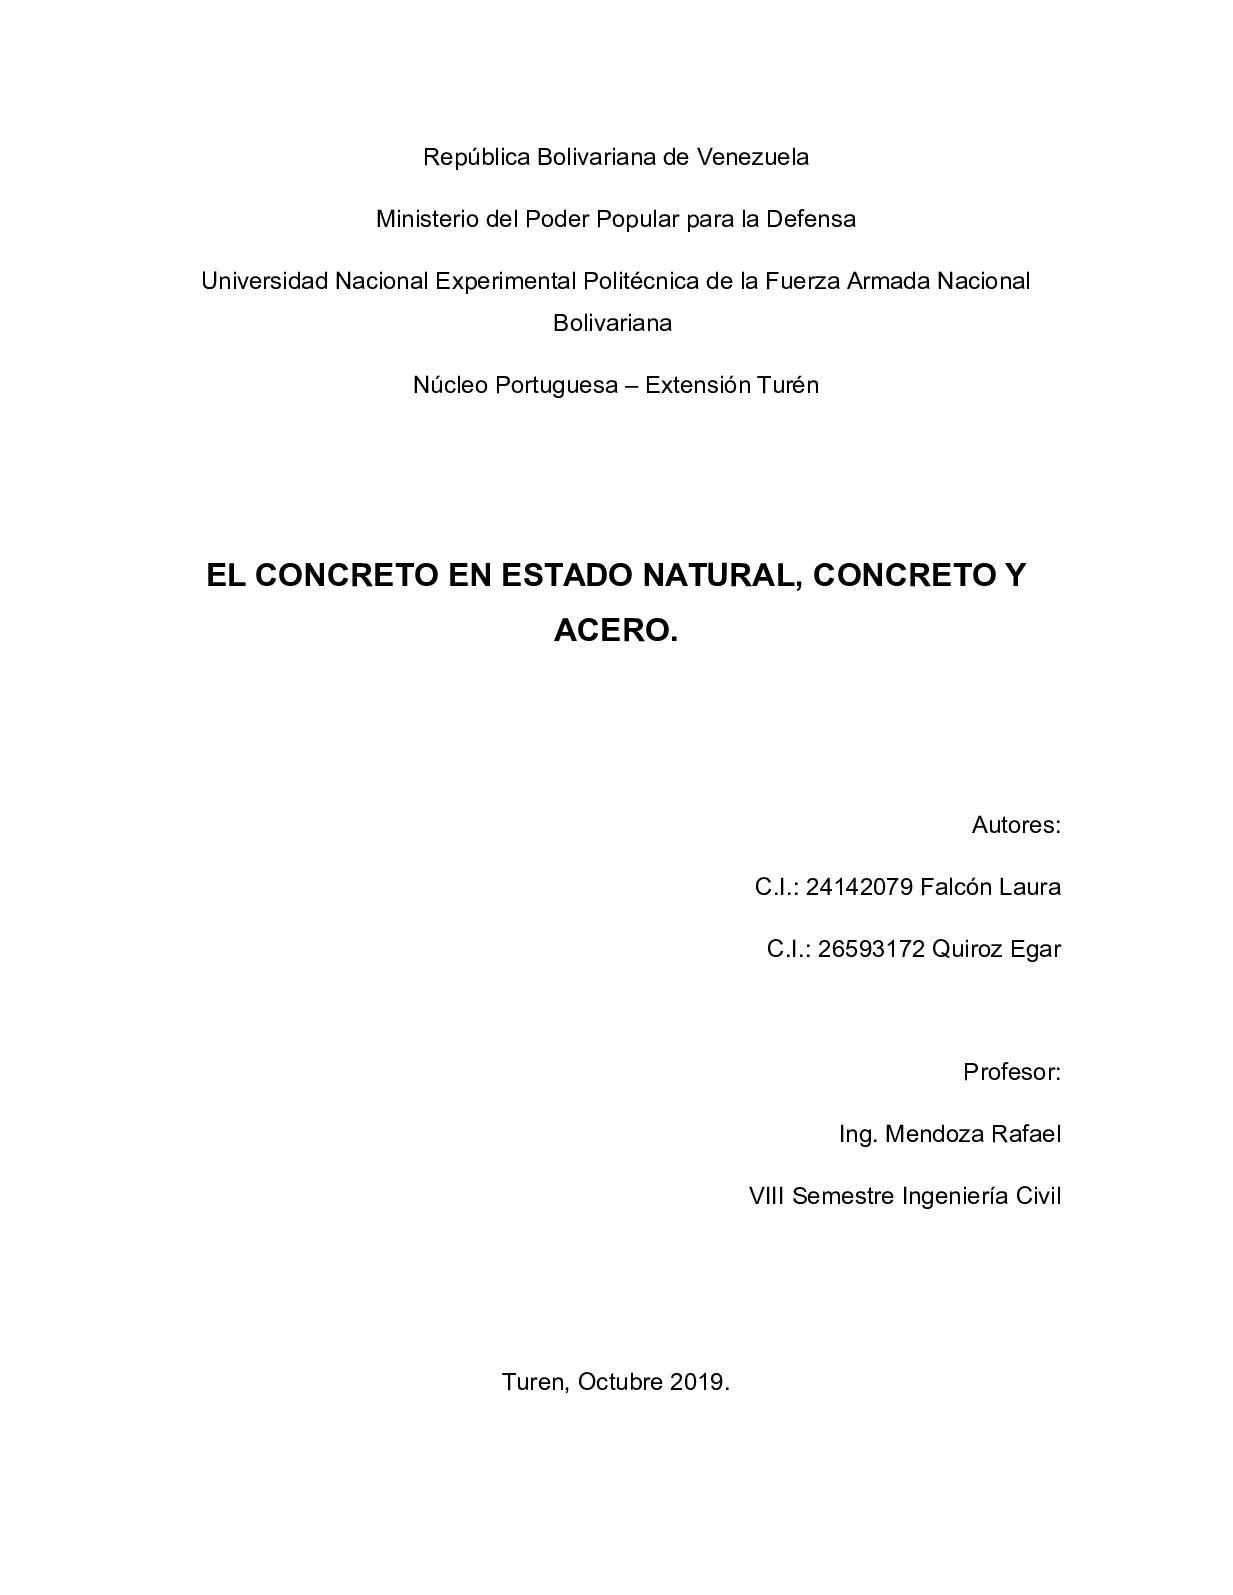 Concreto y Acero (Trabajo/Recopilación)